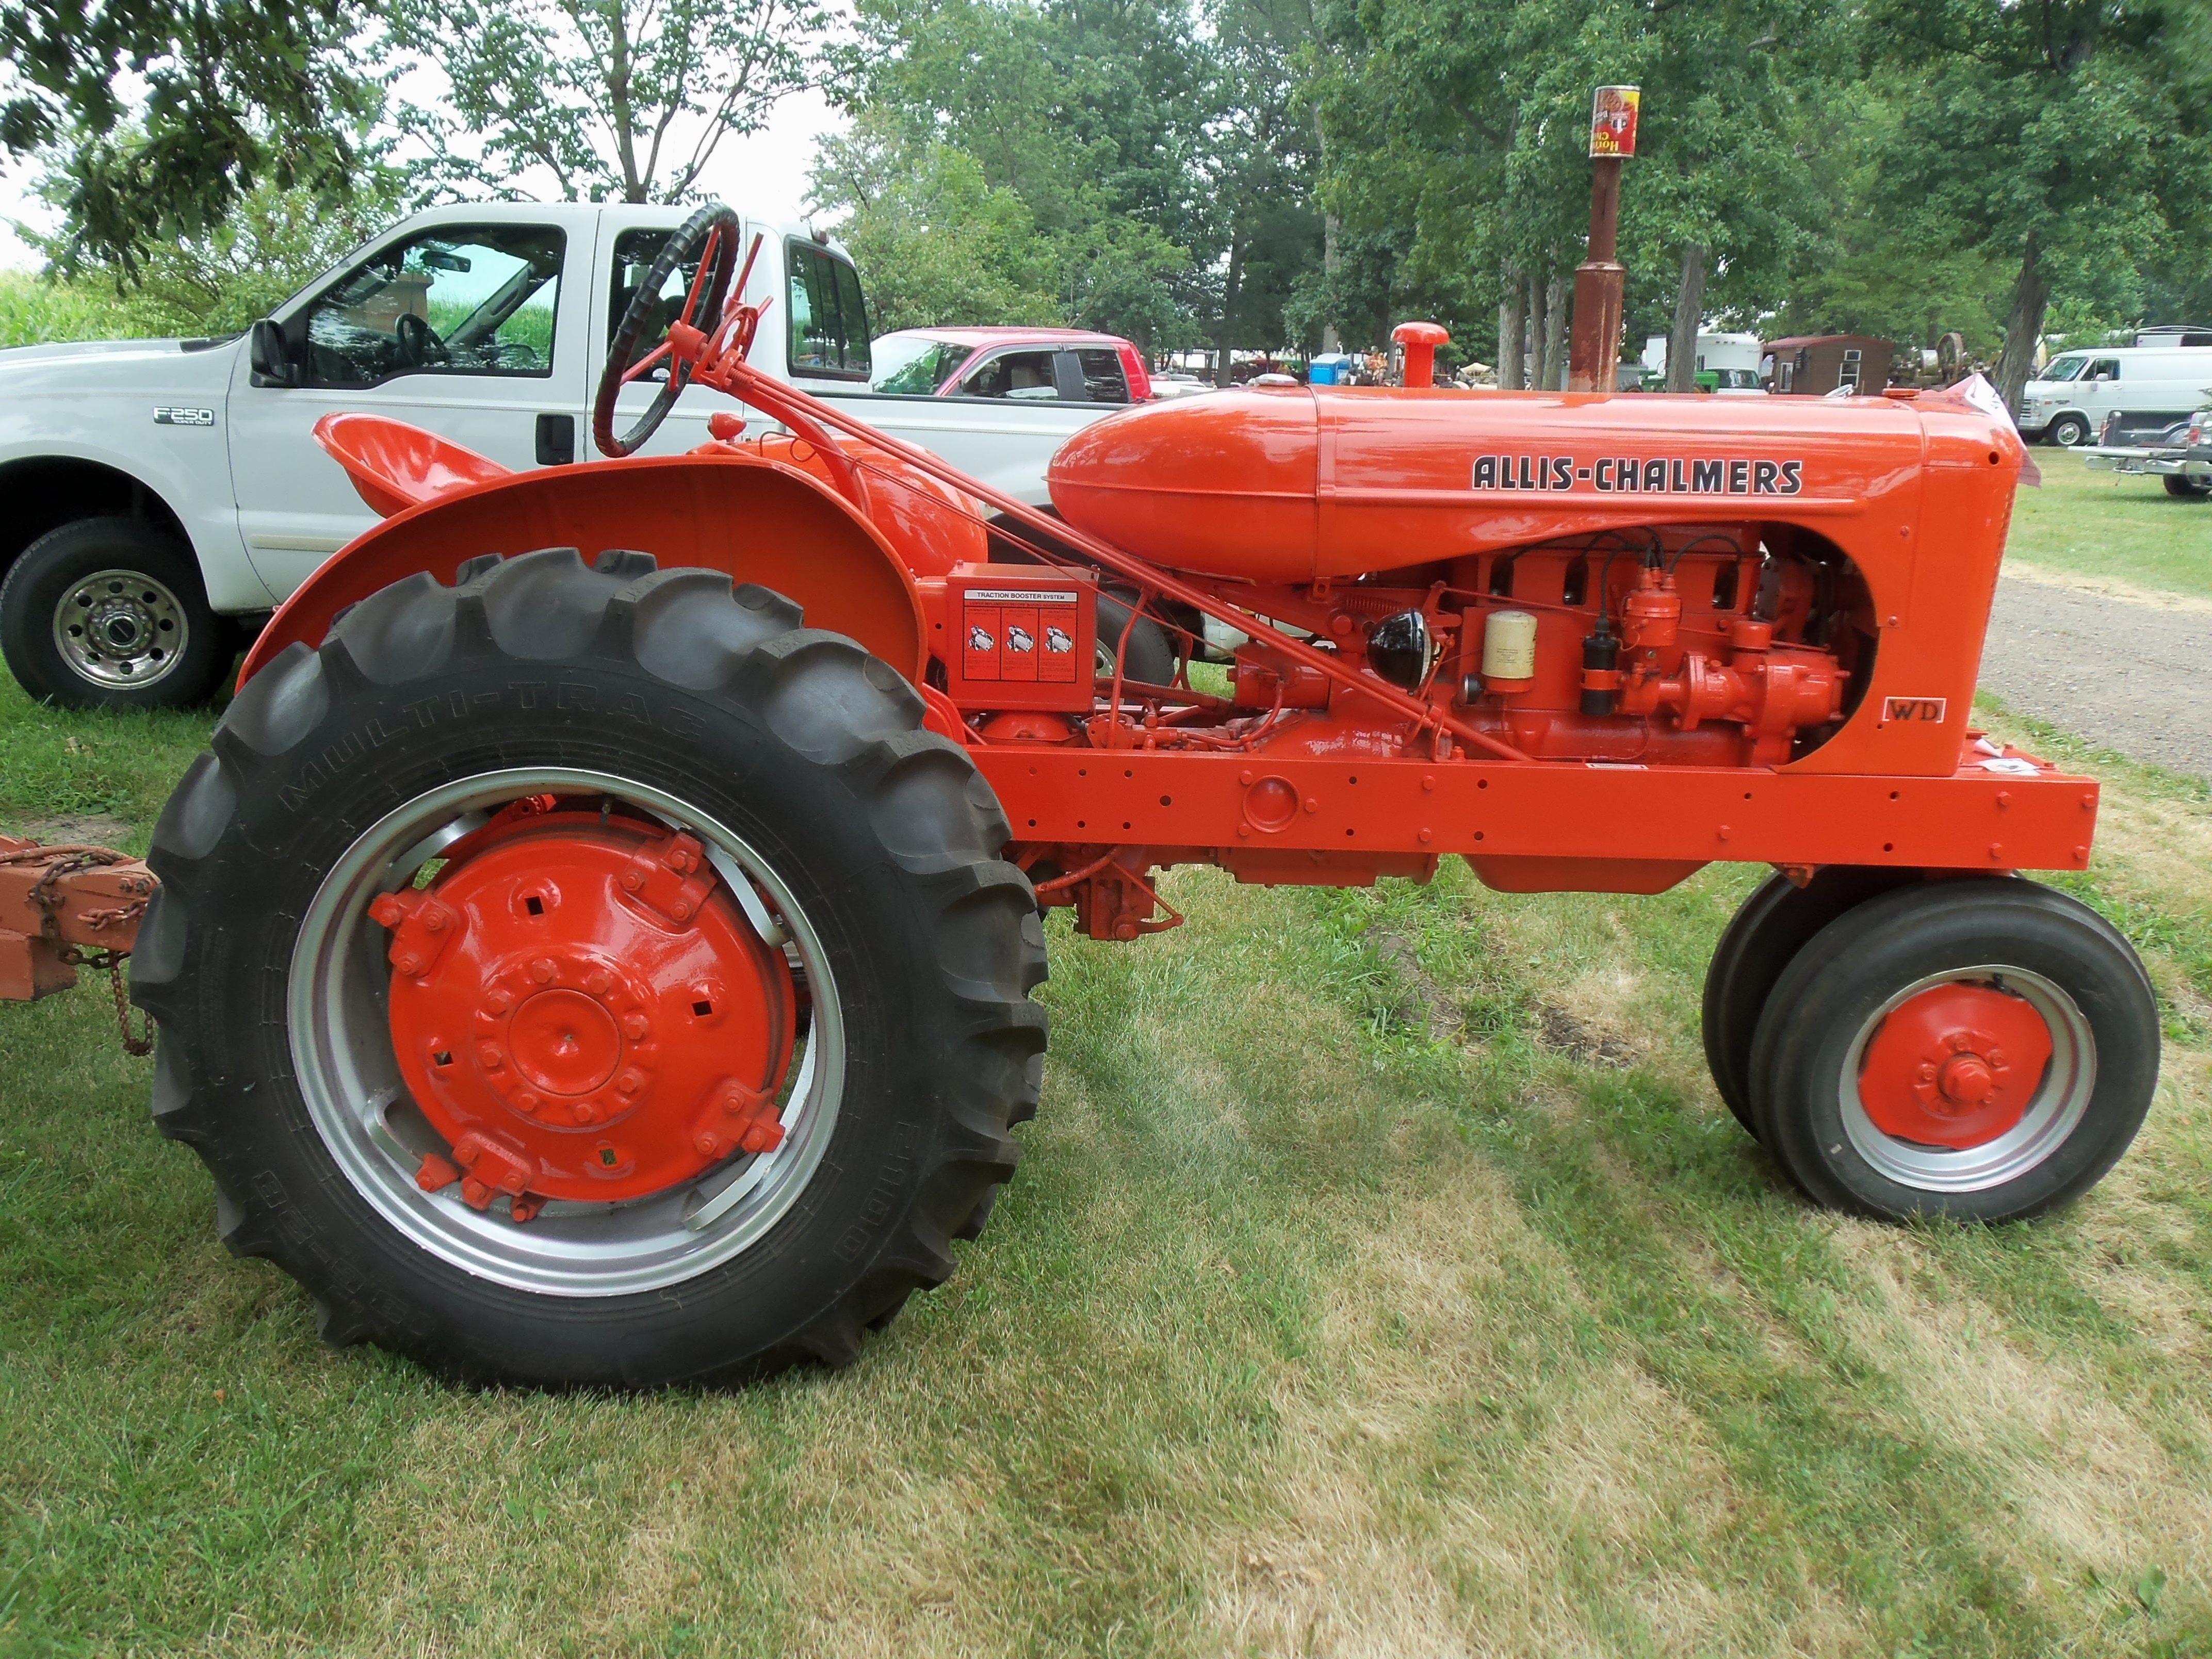 1953 Ac Wd 45 Tractors Allis Chalmers Tractors Antique Tractors